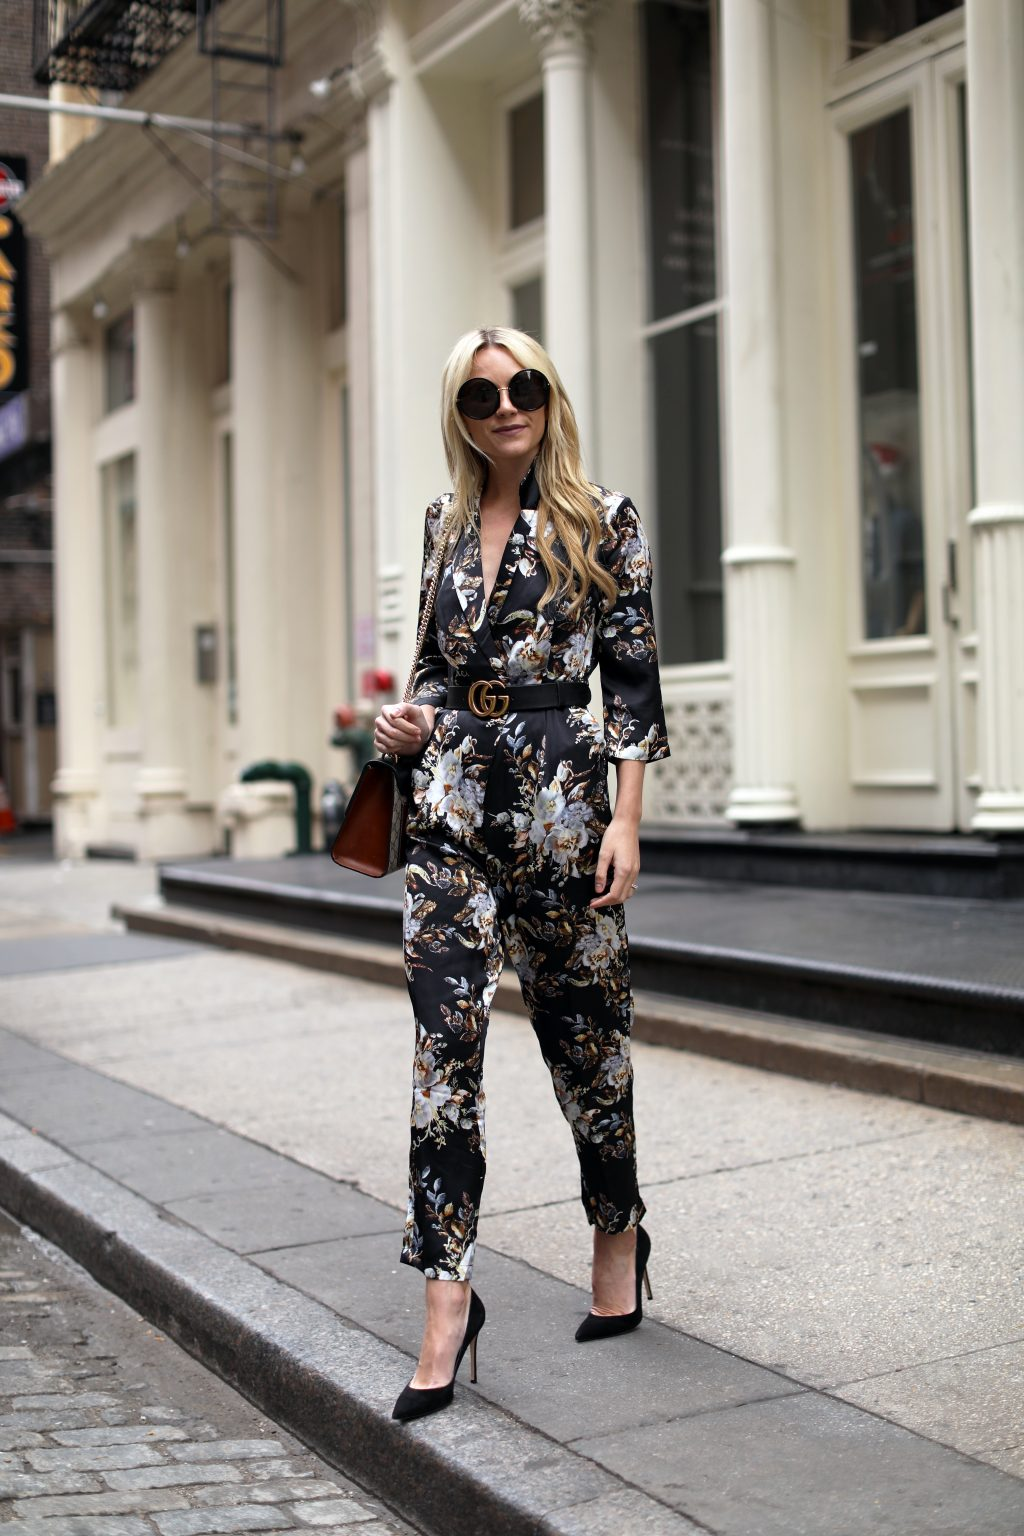 blair-eadie-floral-jumpsuit-black-asos-pumps-gucci